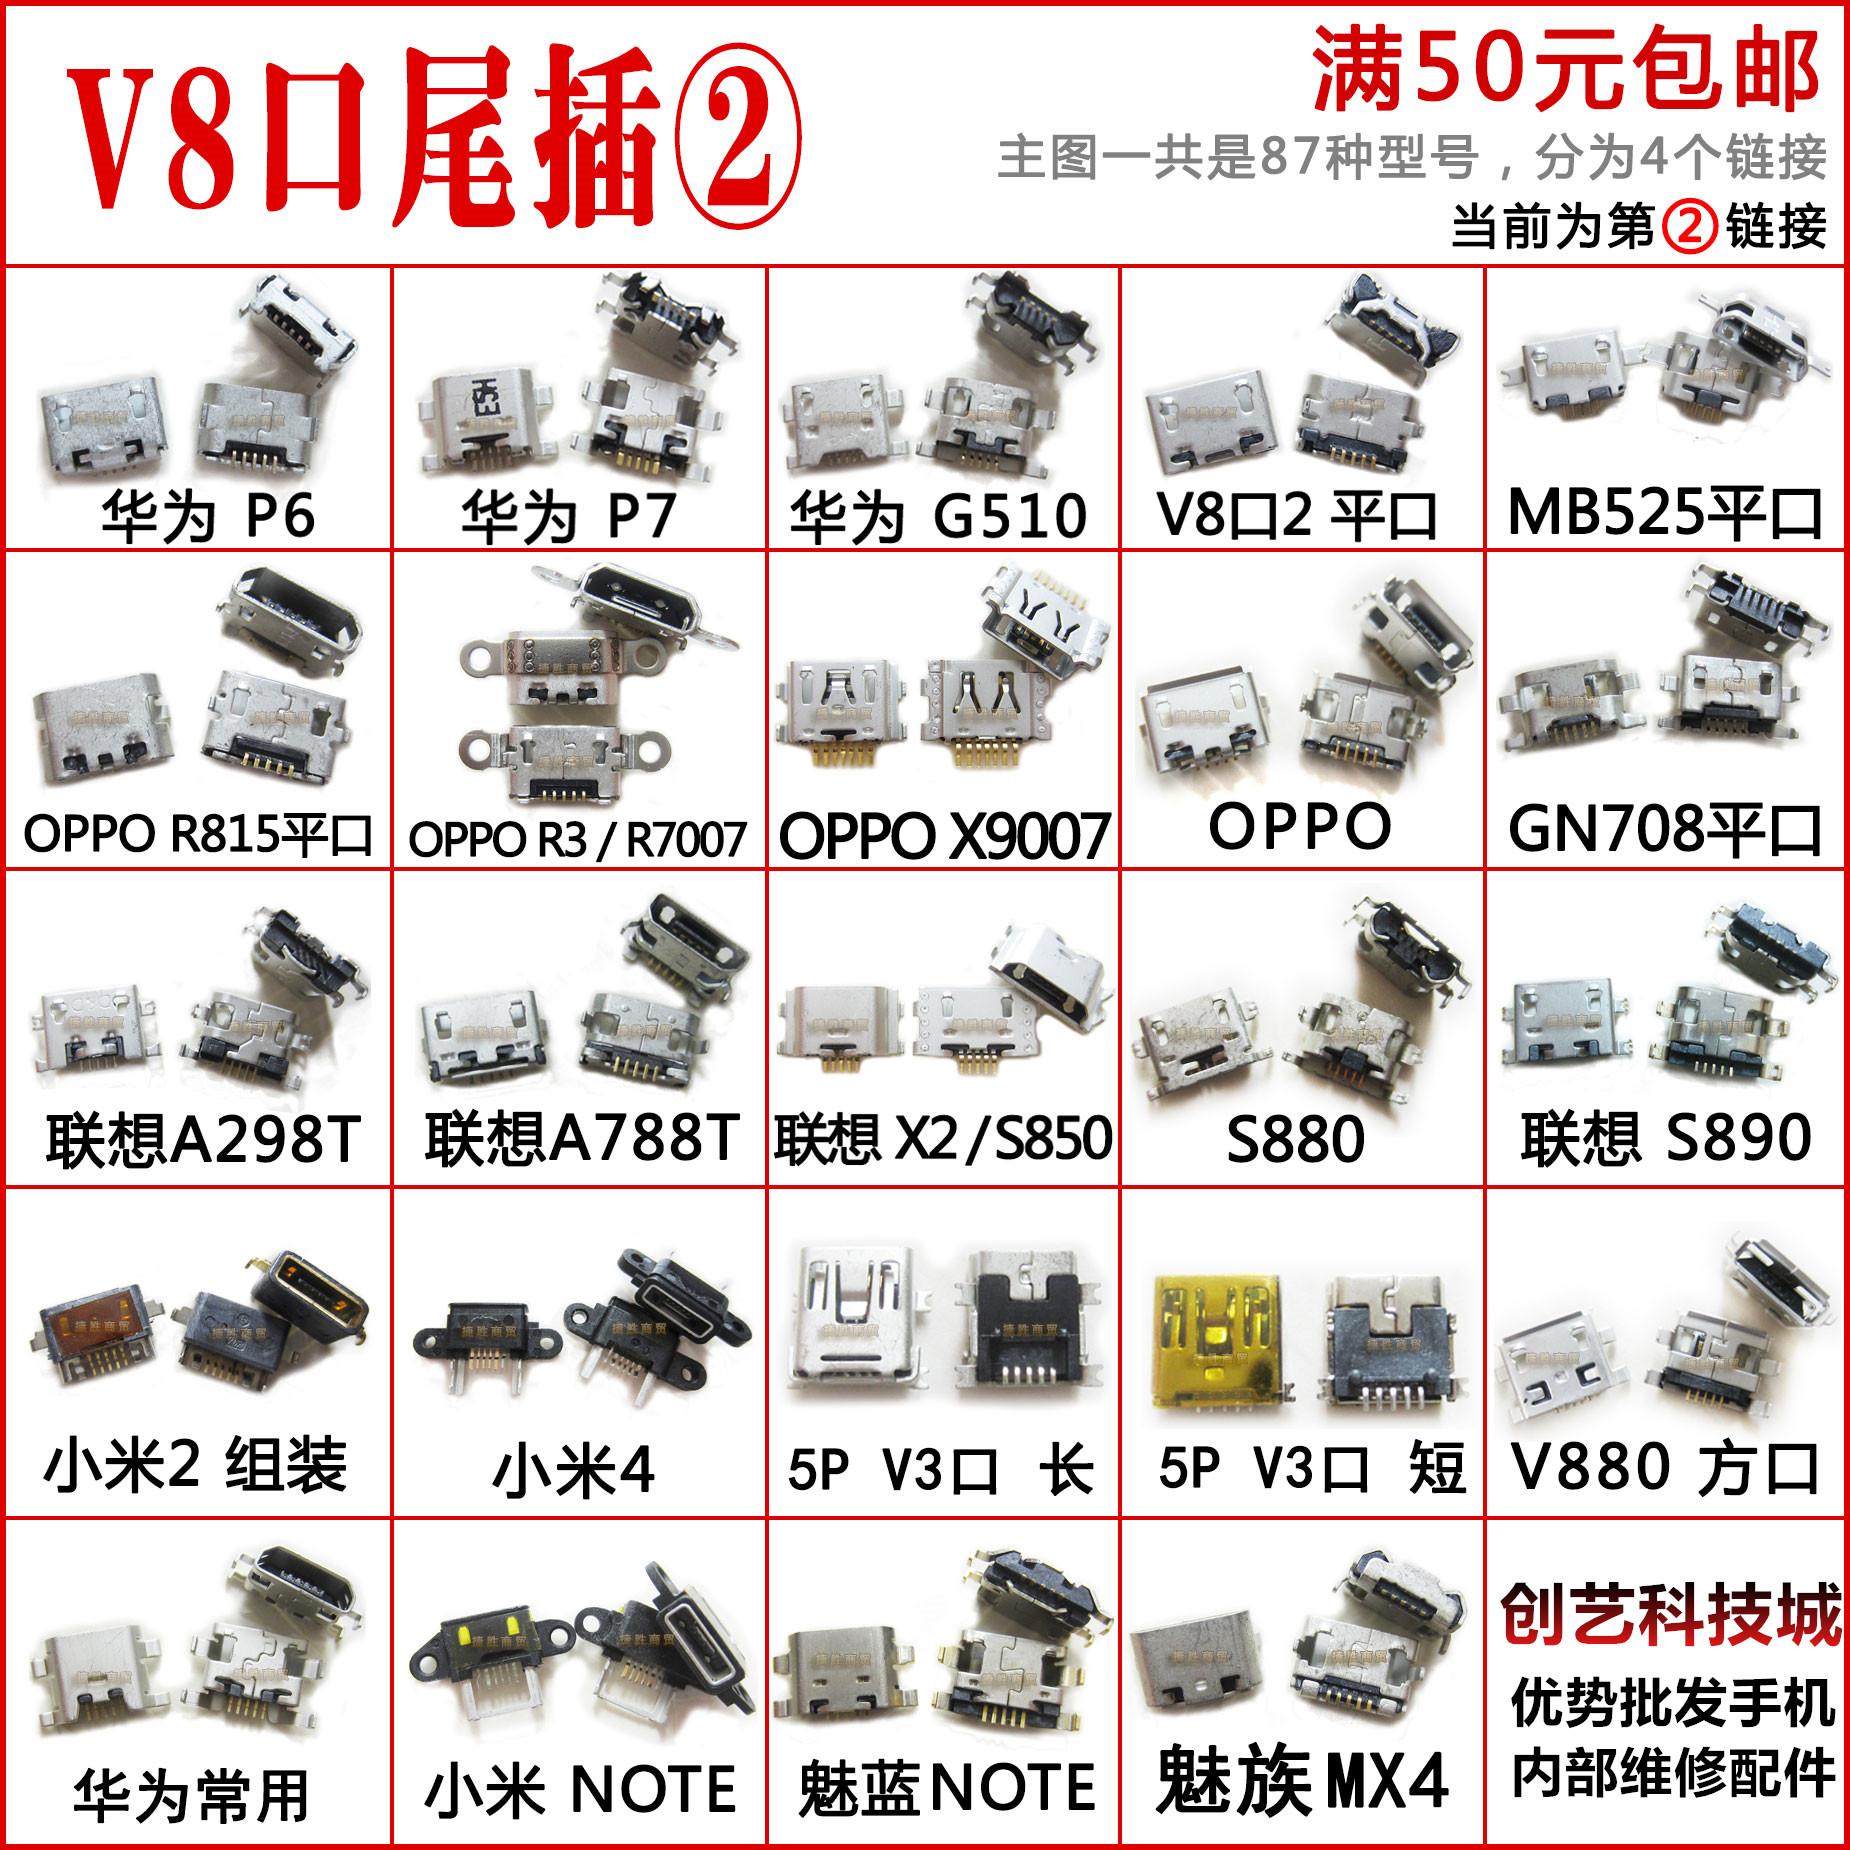 适用小米4 oppo R815尾插 常用V8 V3口 充电口 手机内部配件零件